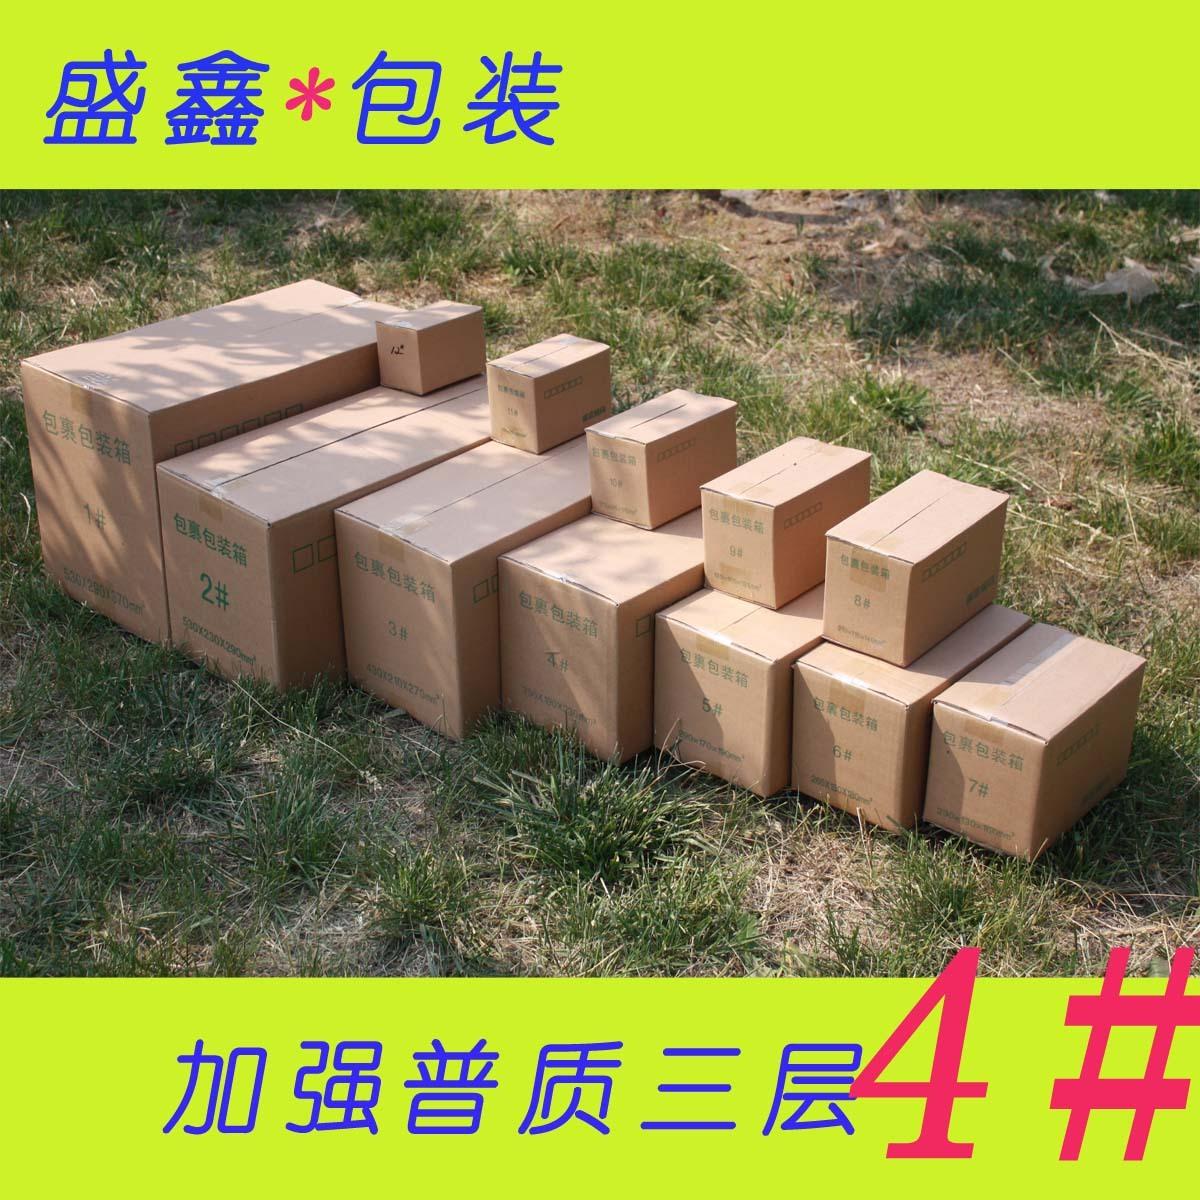 普质三层4号快递淘宝邮政打包服装食品商品包装纸箱纸盒子定做